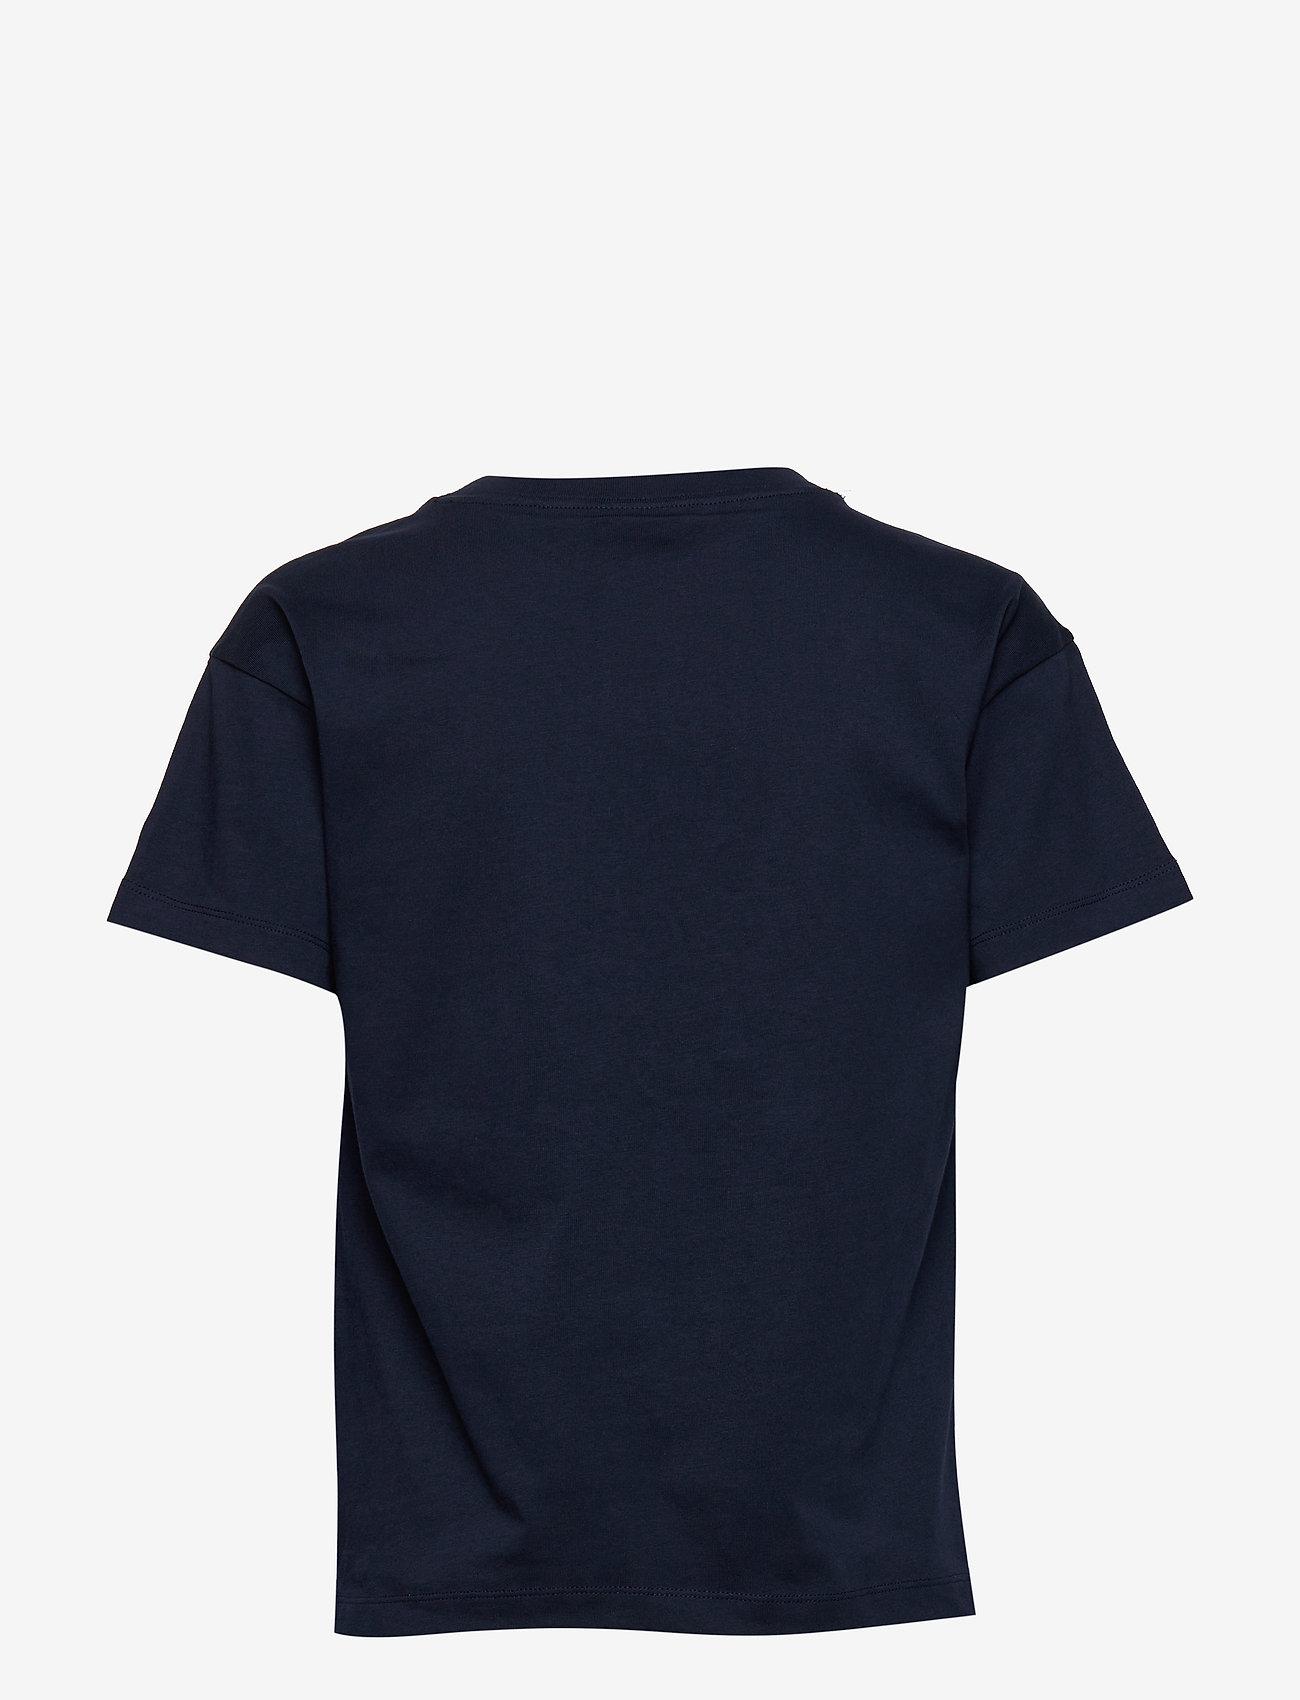 Champion Crewneck T-Shirt - T-shirty i zopy NAVY BLAZER - Kobiety Odzież.